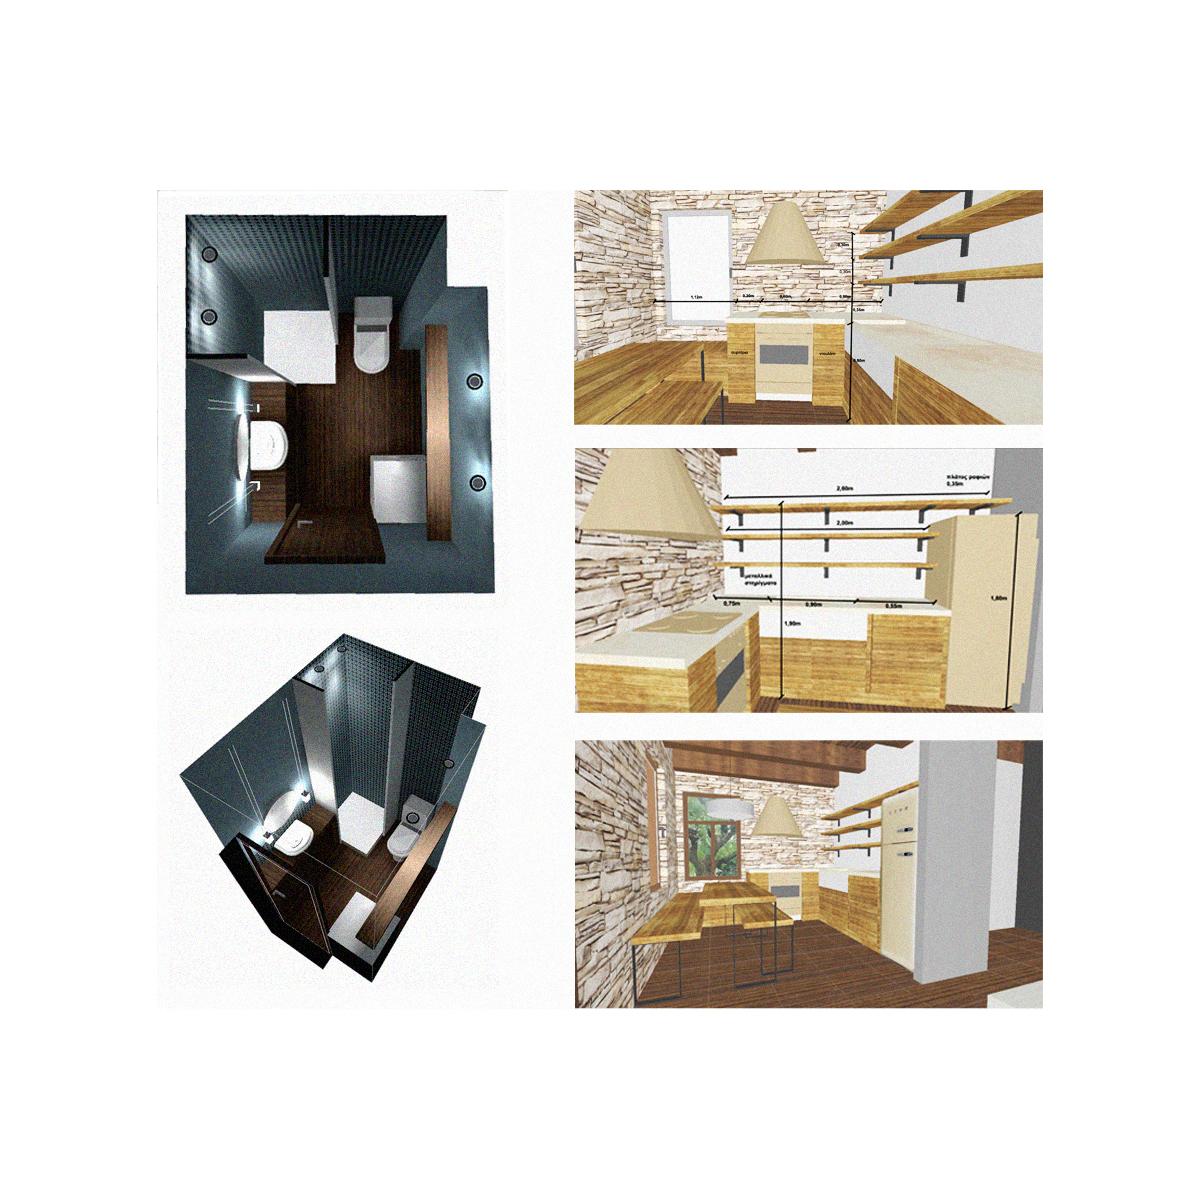 Architectural Design 03